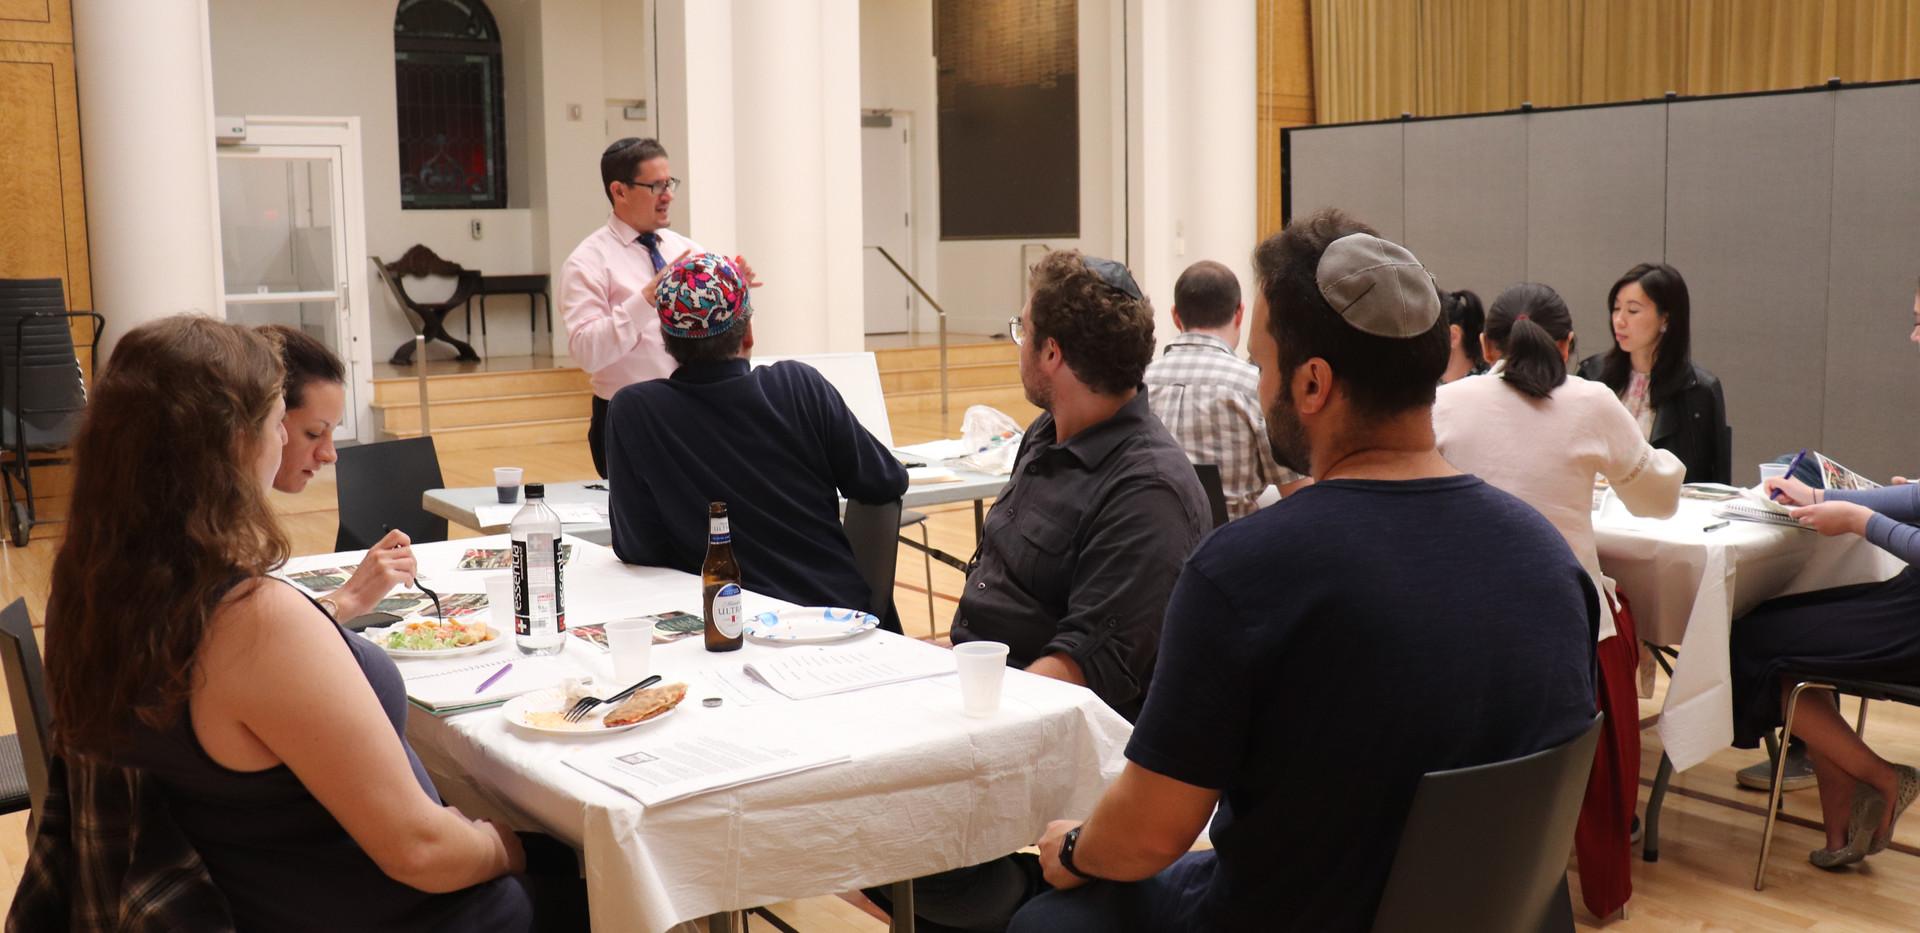 rabbi avi teaching mje east class.jpg